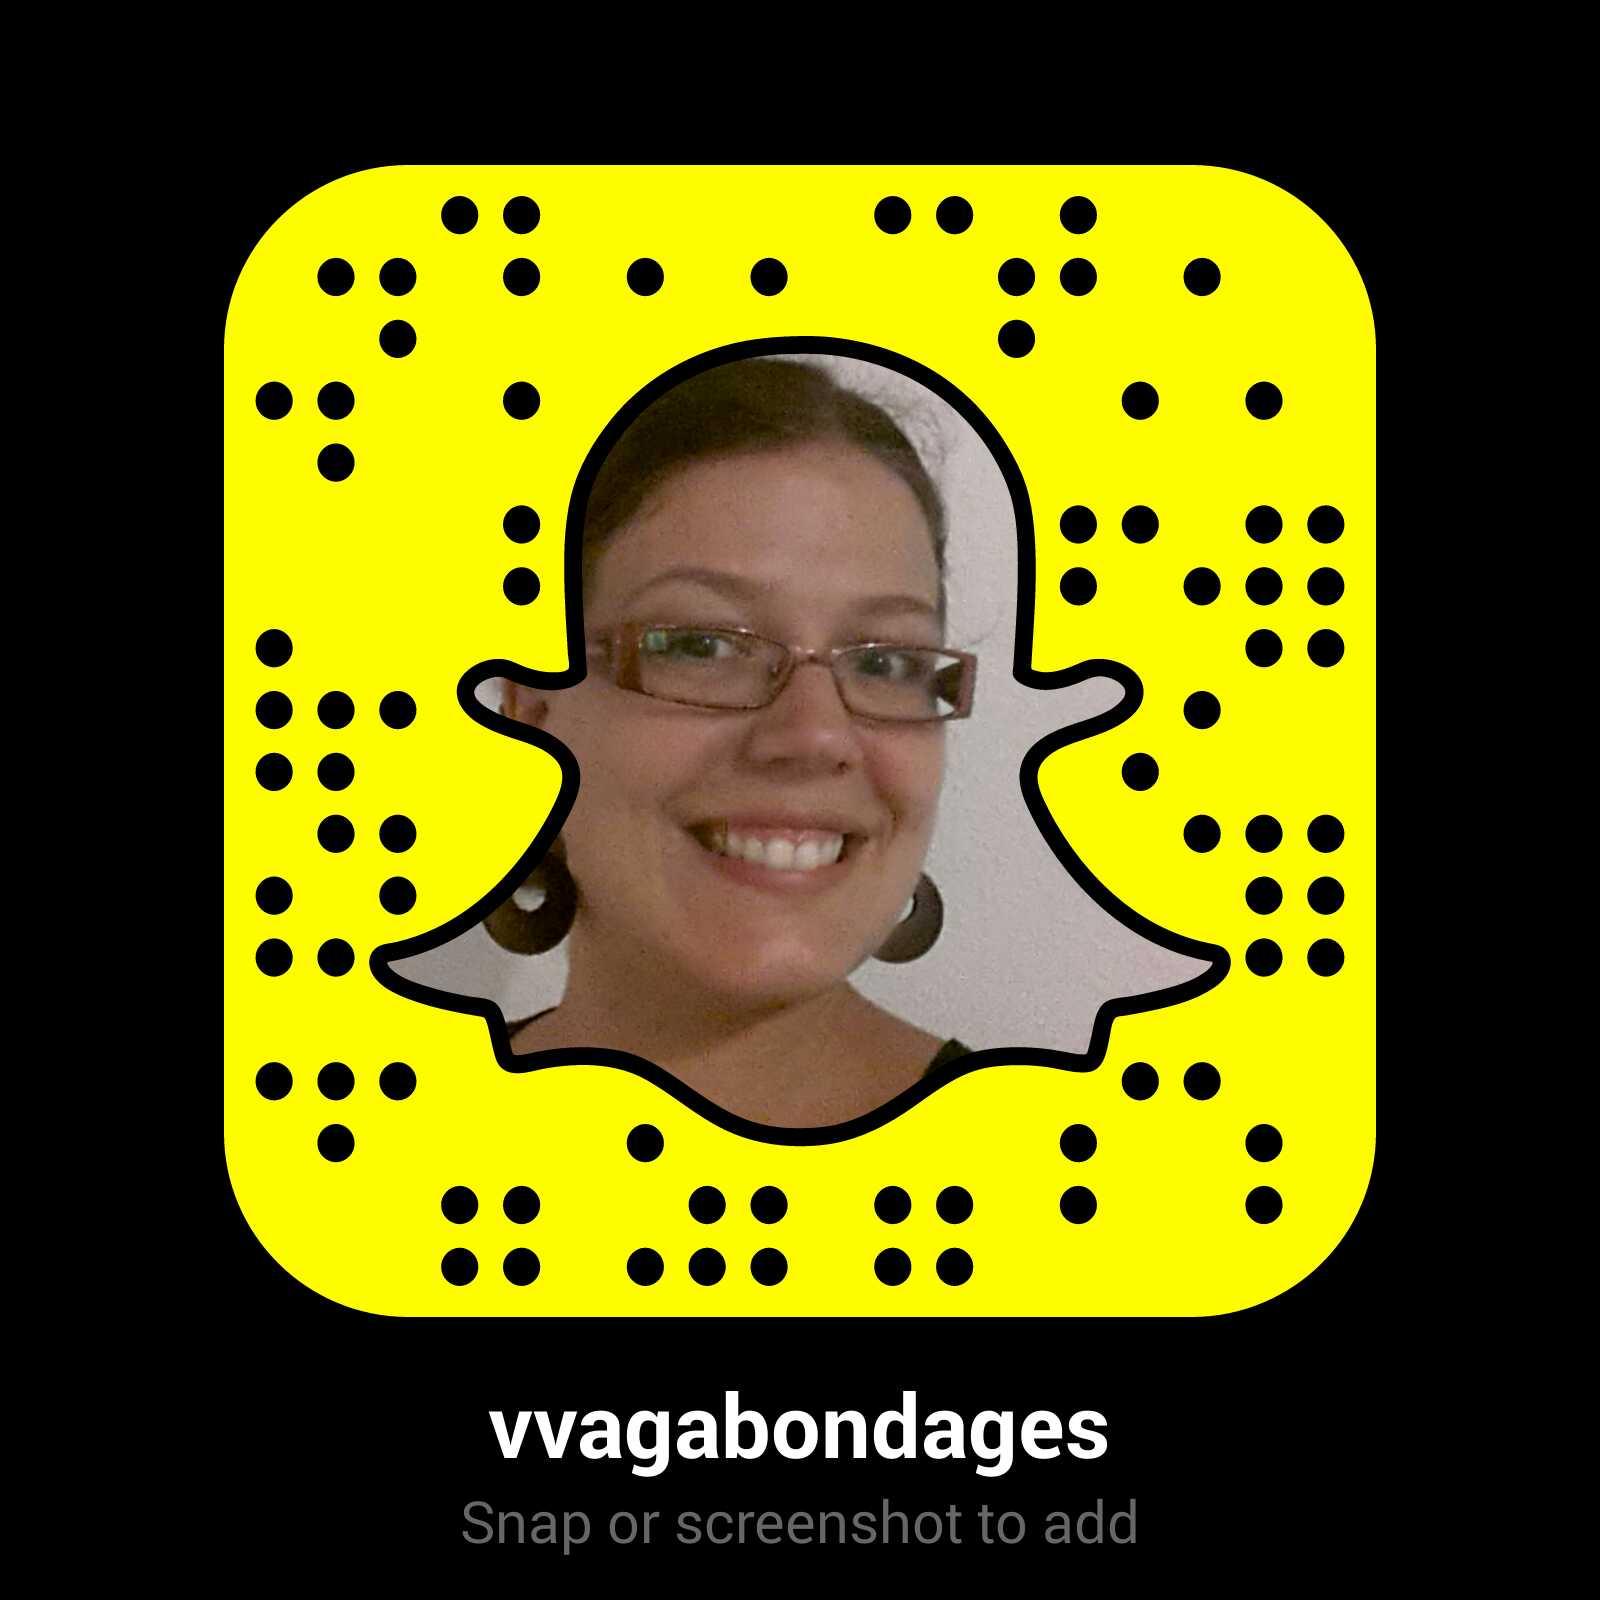 Snapchat: vvagabondages